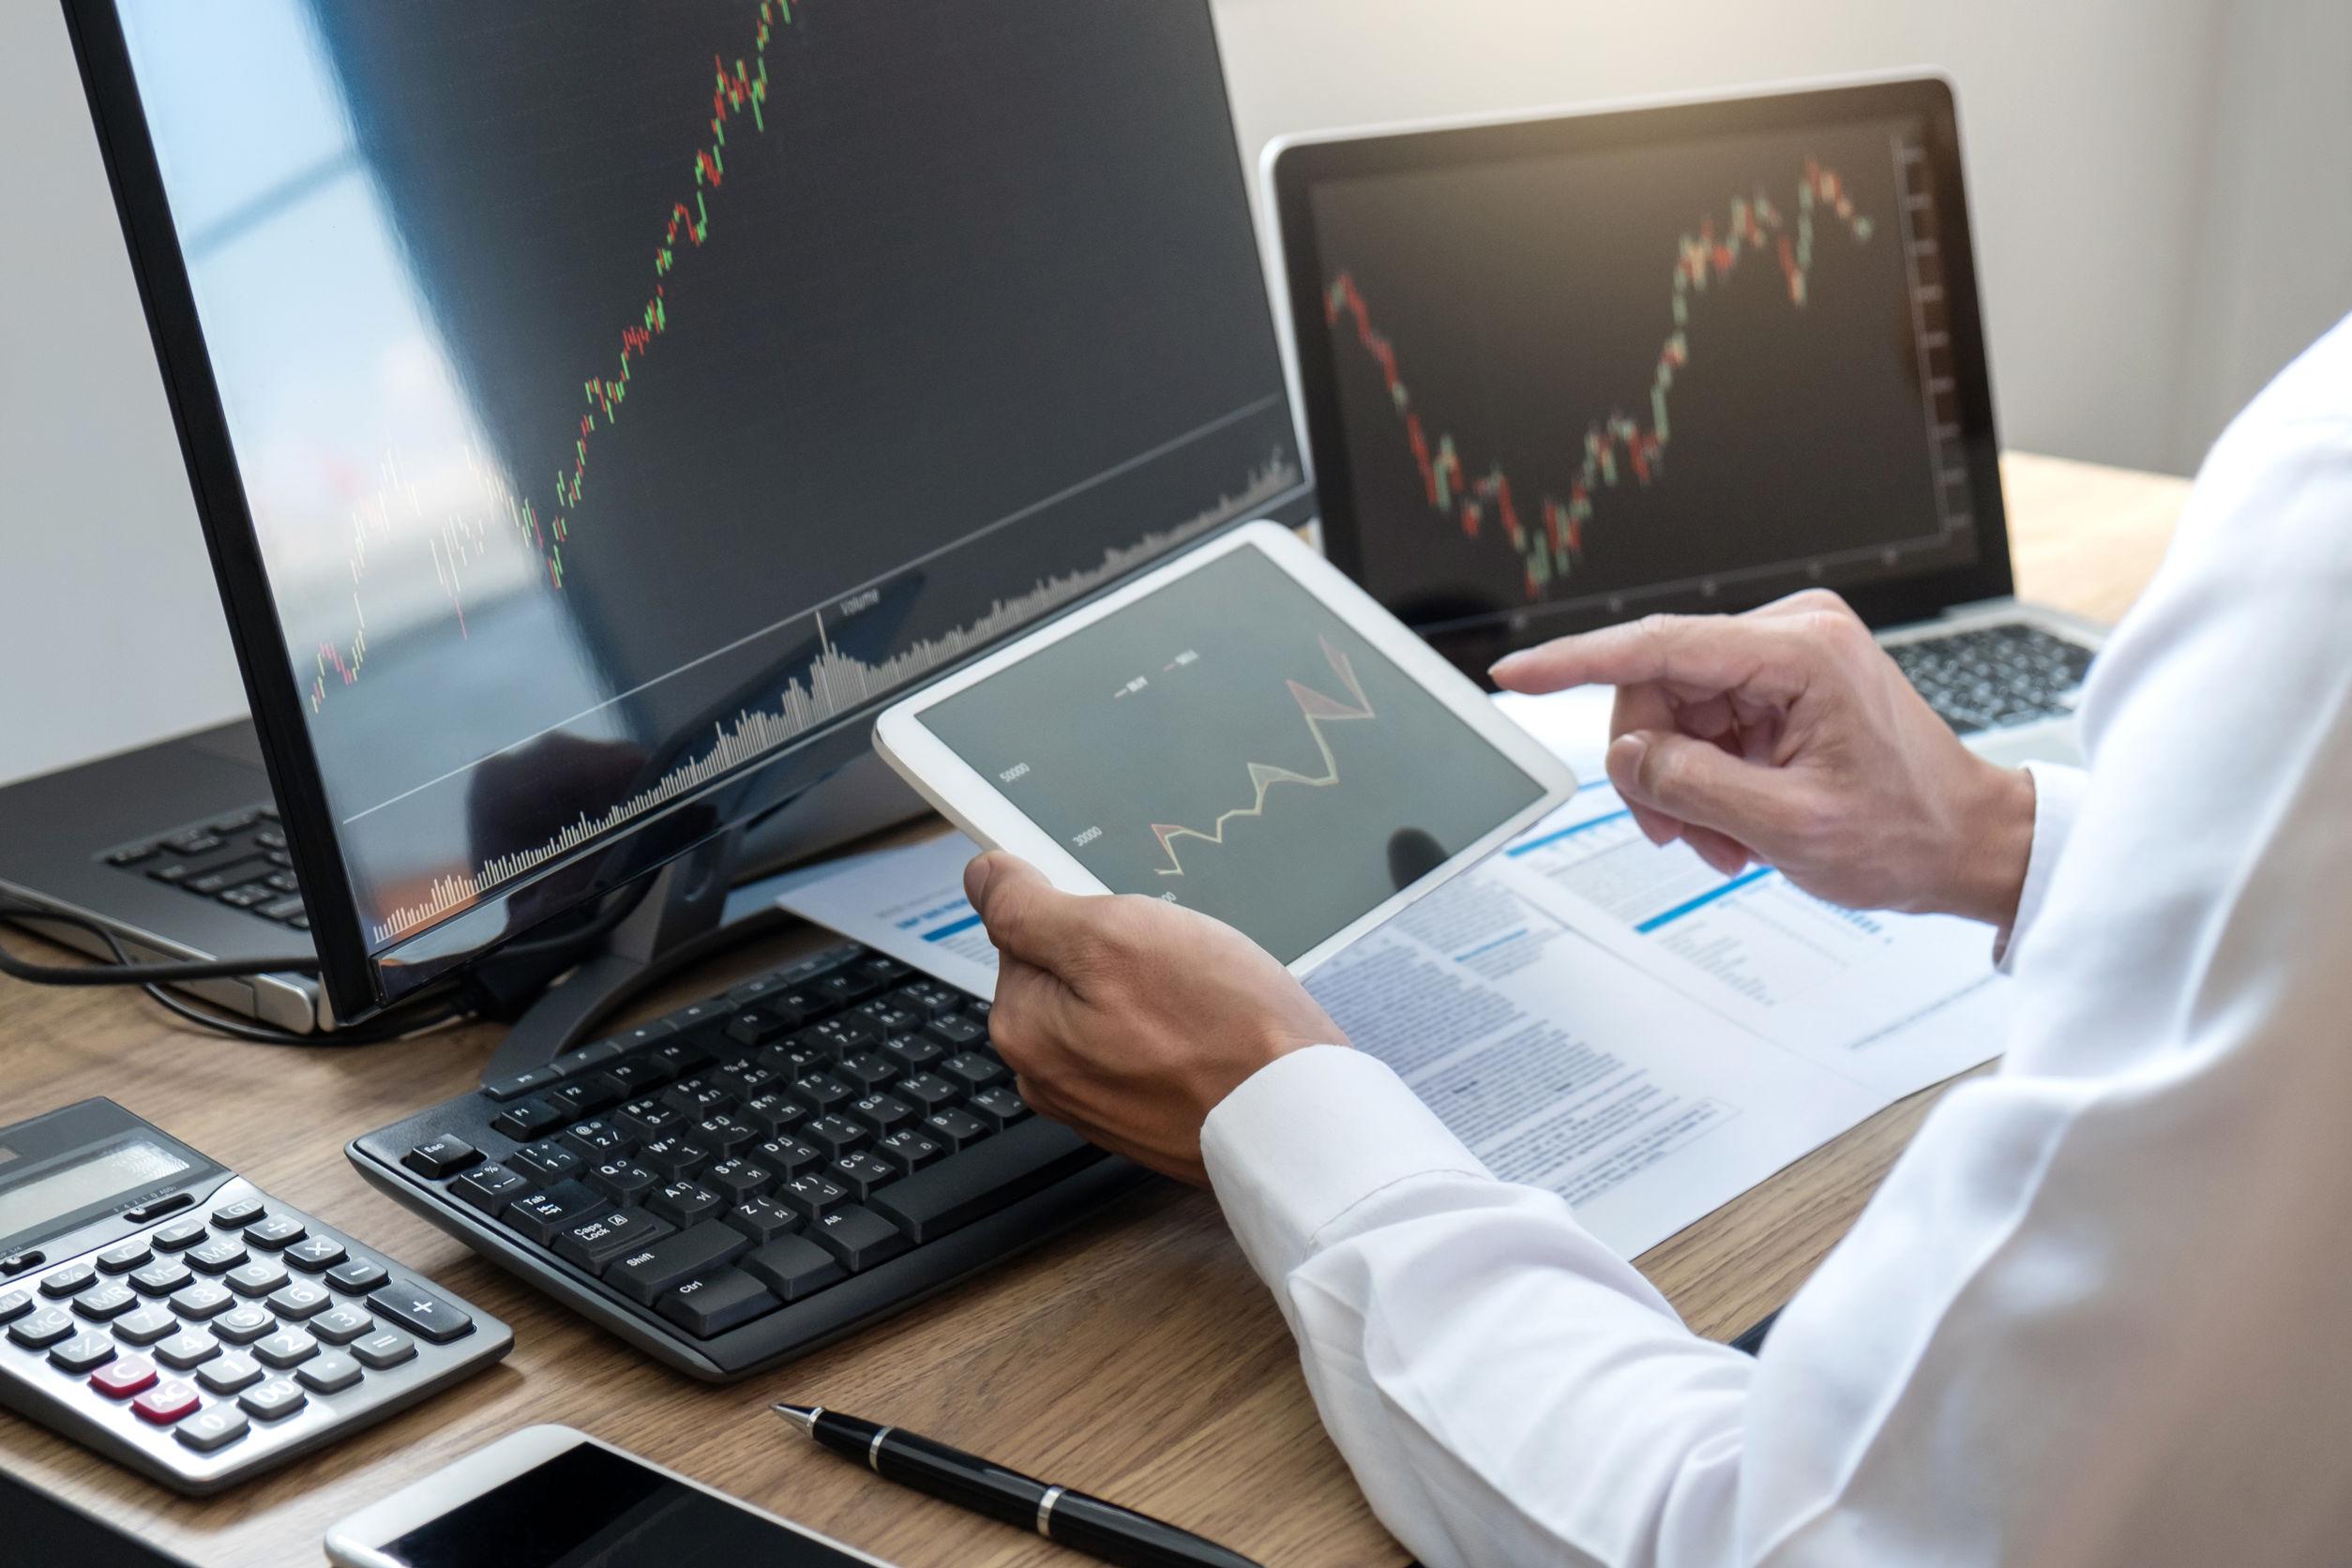 Miglior workstation 2020: Guida all'acquisto